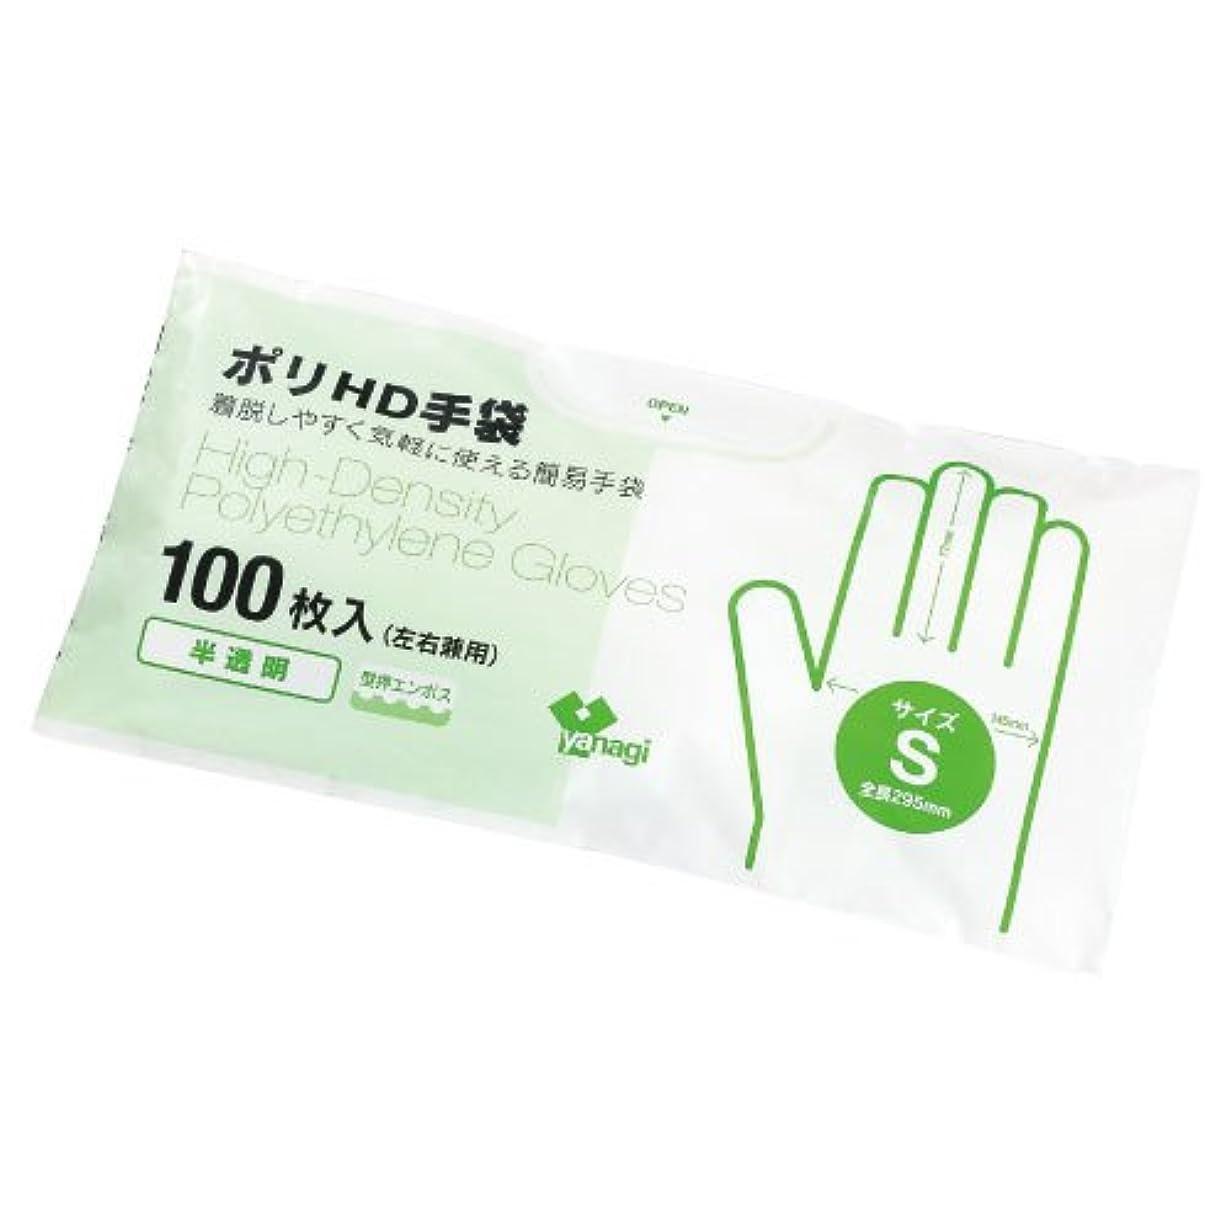 シャーロックホームズ今日マイナーポリHD手袋(半透明)型押エンボス TB-204(L)100???? ???HD???????????????(24-2575-02)【やなぎプロダクツ】[120袋単位]